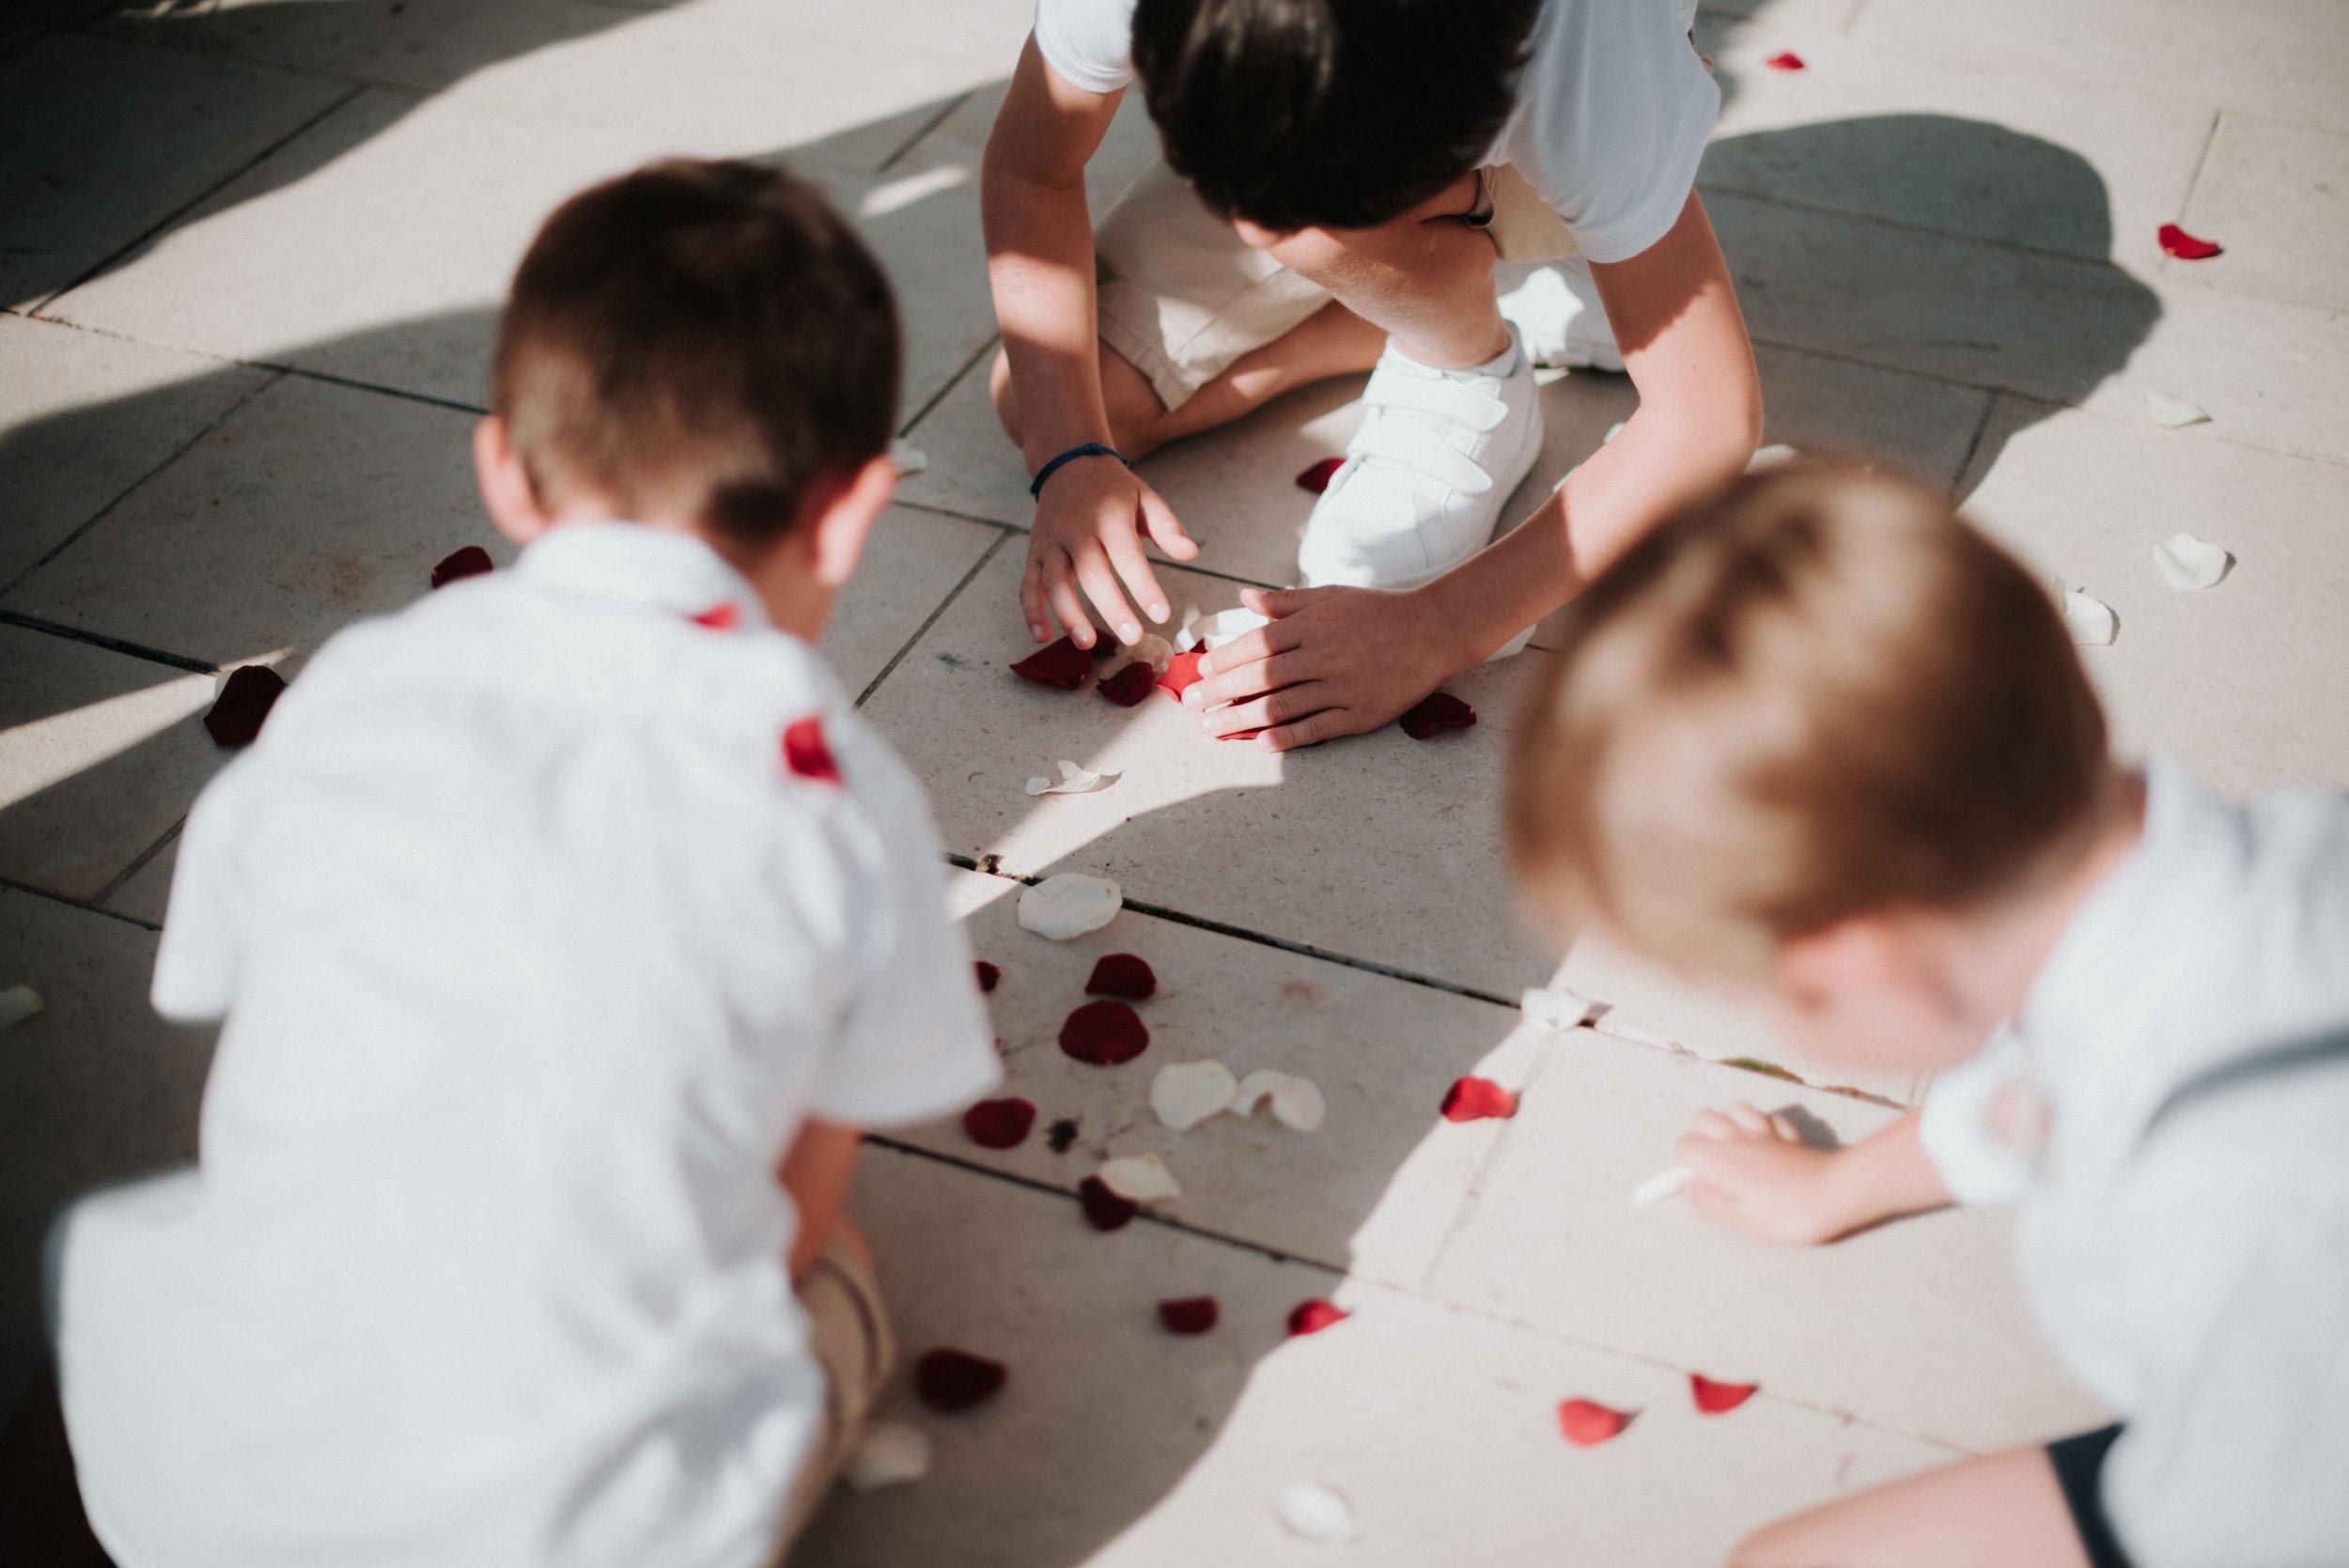 Léa-Fery-photographe-professionnel-lyon-rhone-alpes-portrait-creation-mariage-evenement-evenementiel-famille-7958.jpg